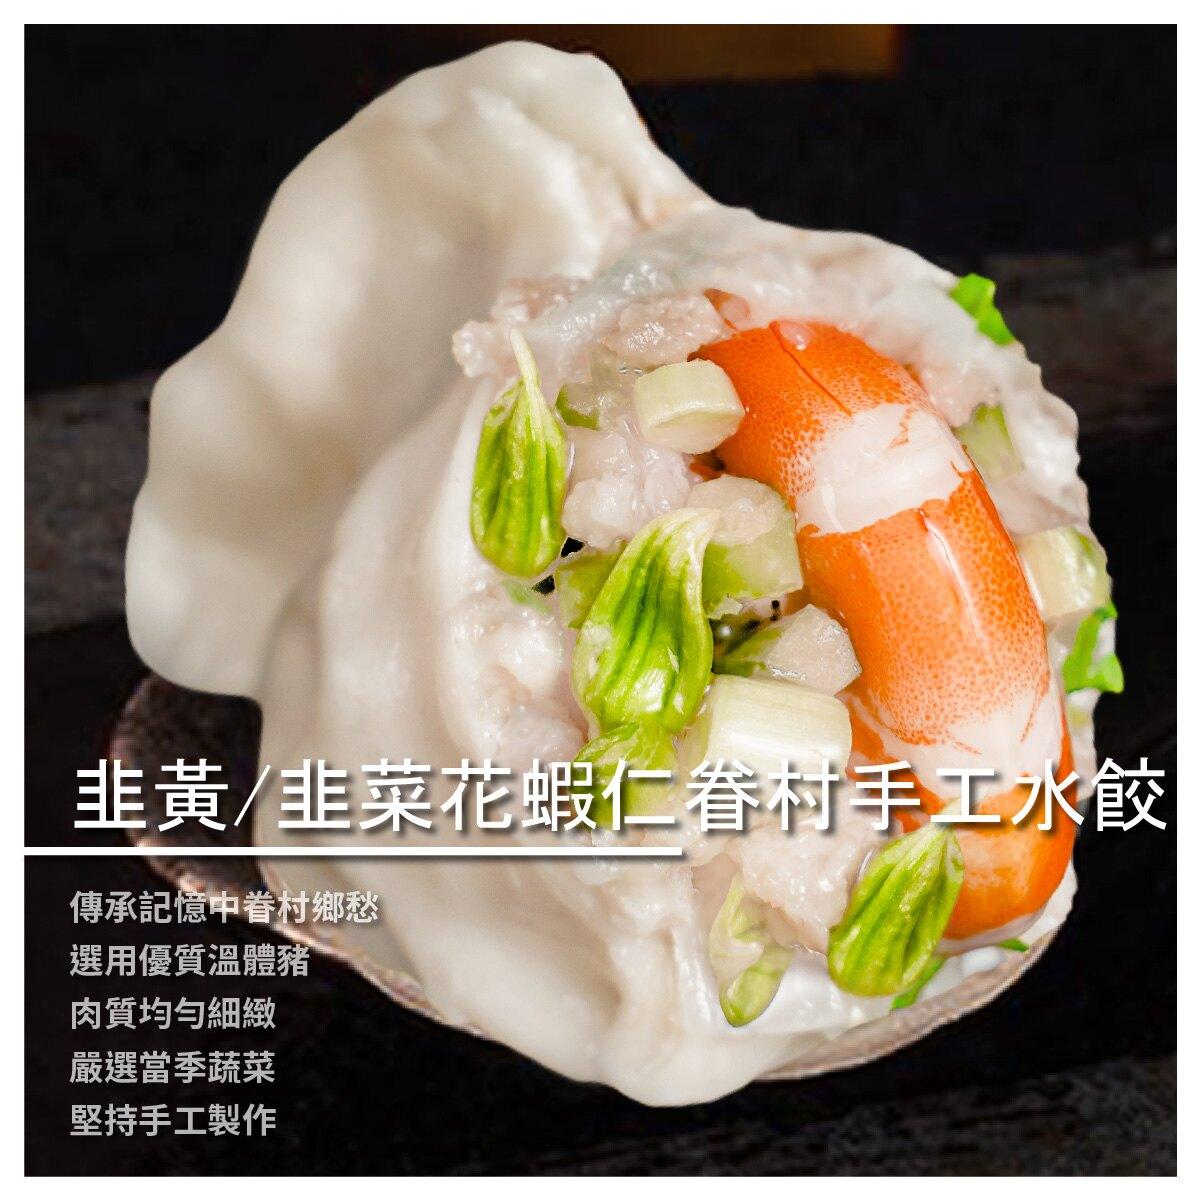 【阿琴の水餃】韭黃/韭菜花 蝦仁 眷村手工水餃